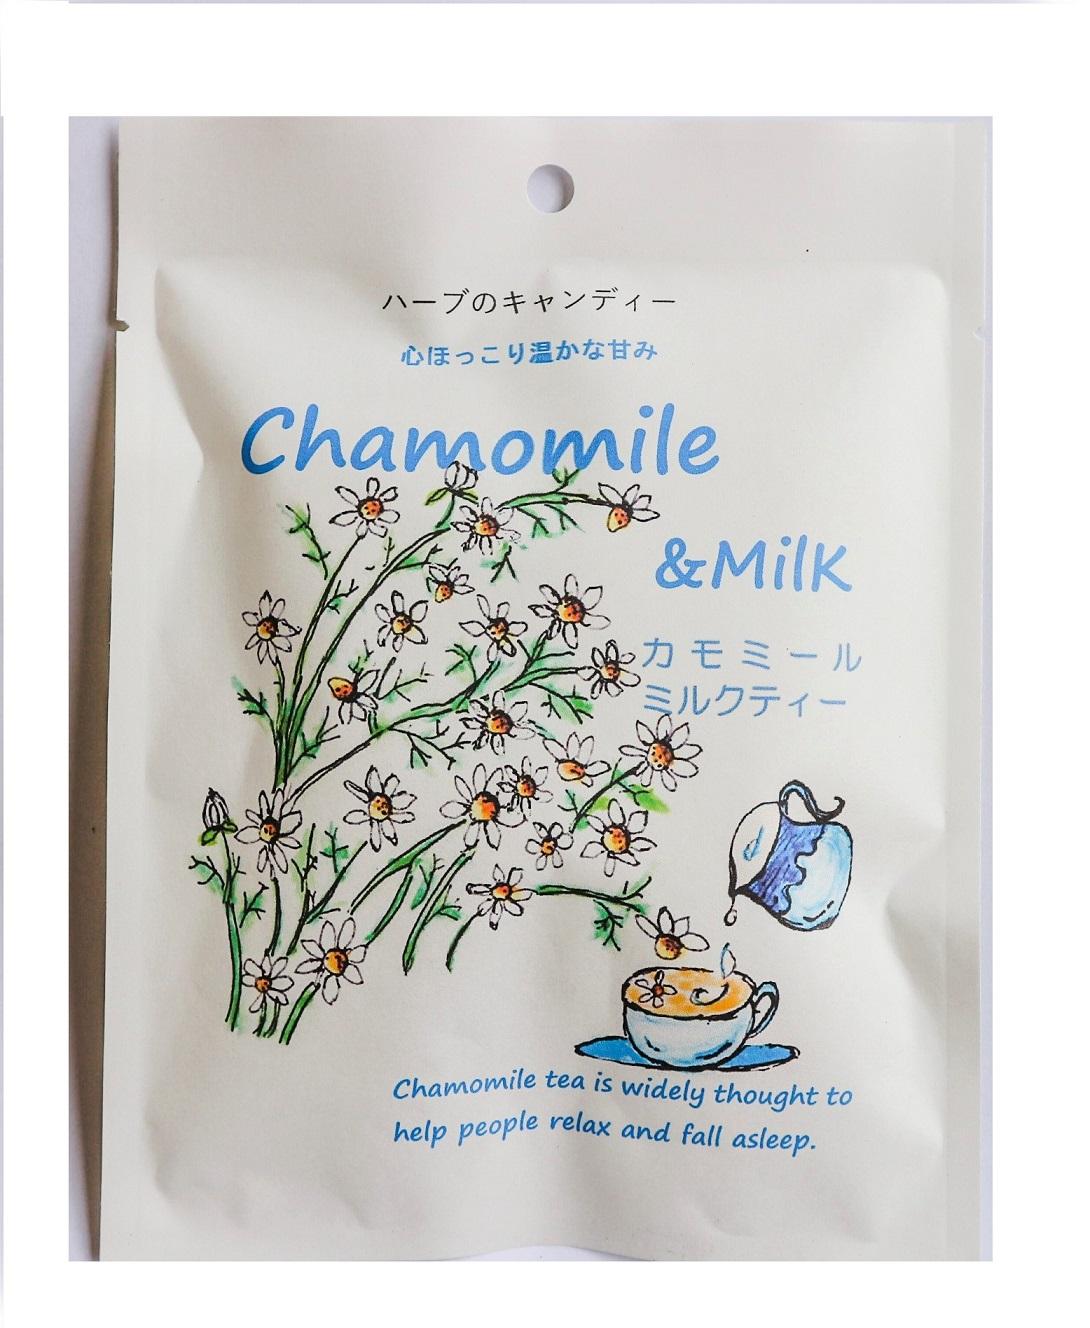 オリジナルハーブキャンディー 各種(カモミールミルクなど)